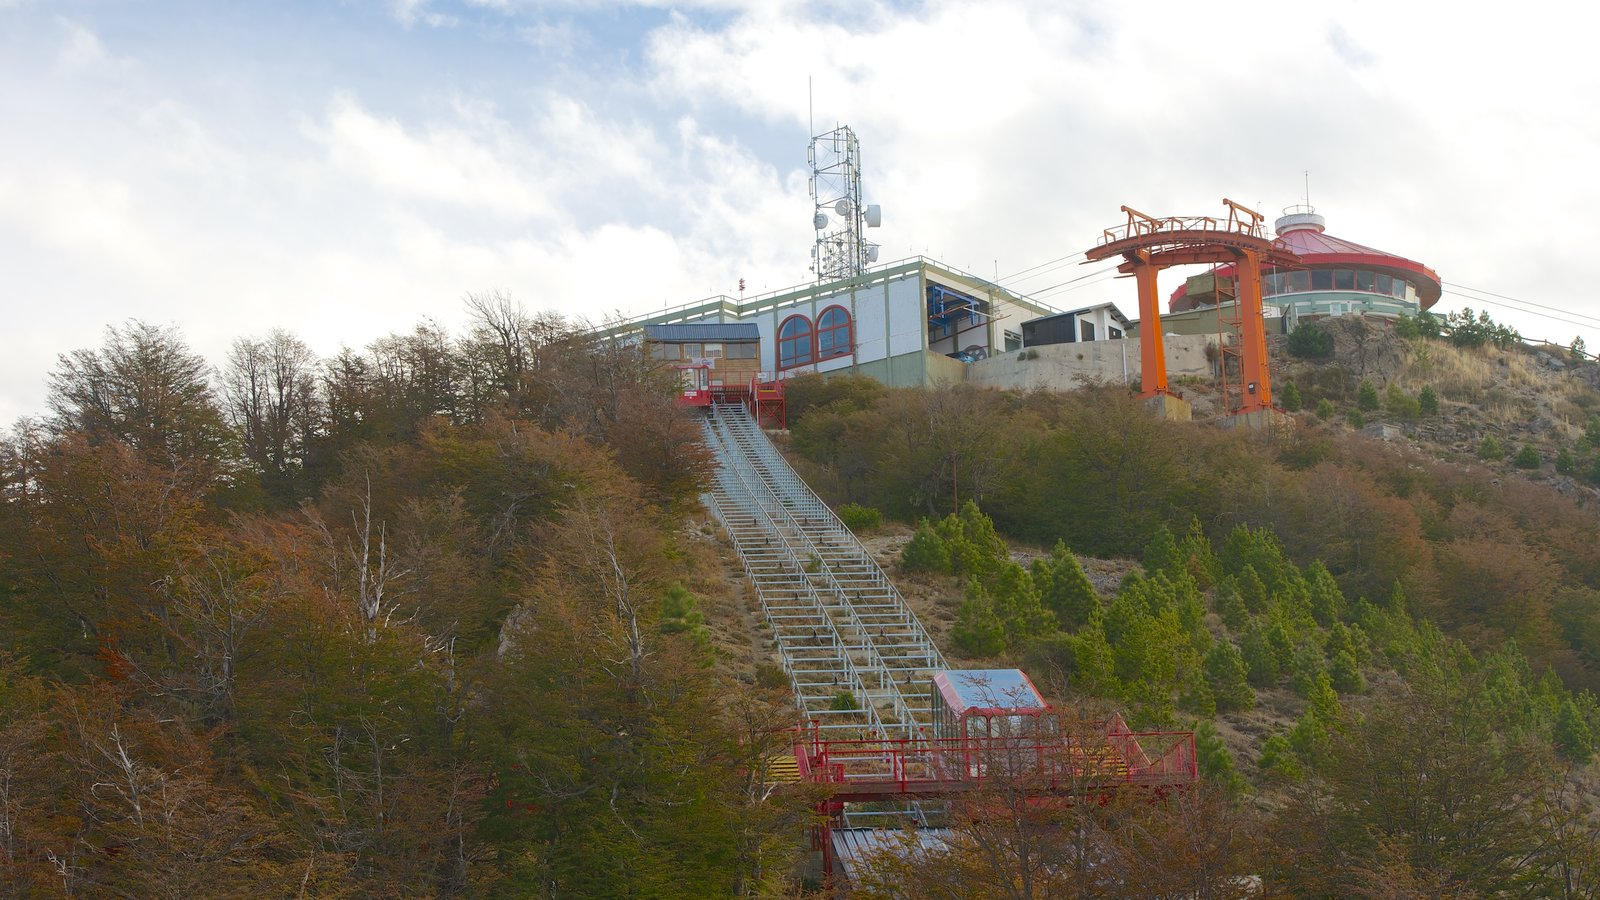 Cerro Otto mostrando uma gôndola e cenas tranquilas